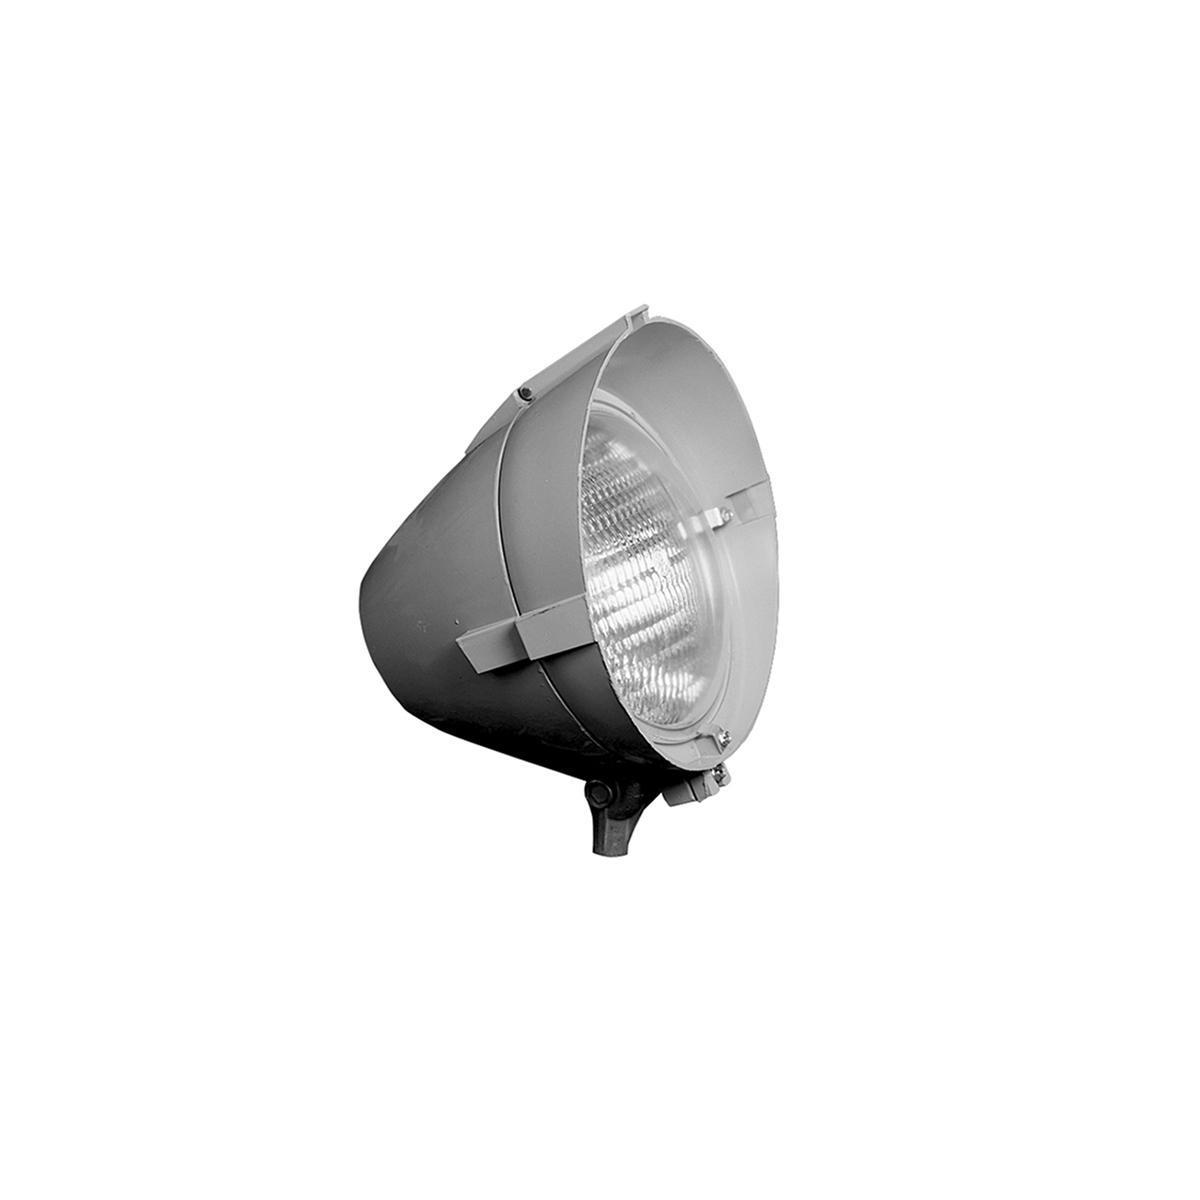 HUBL 306 LAMPHOLDER